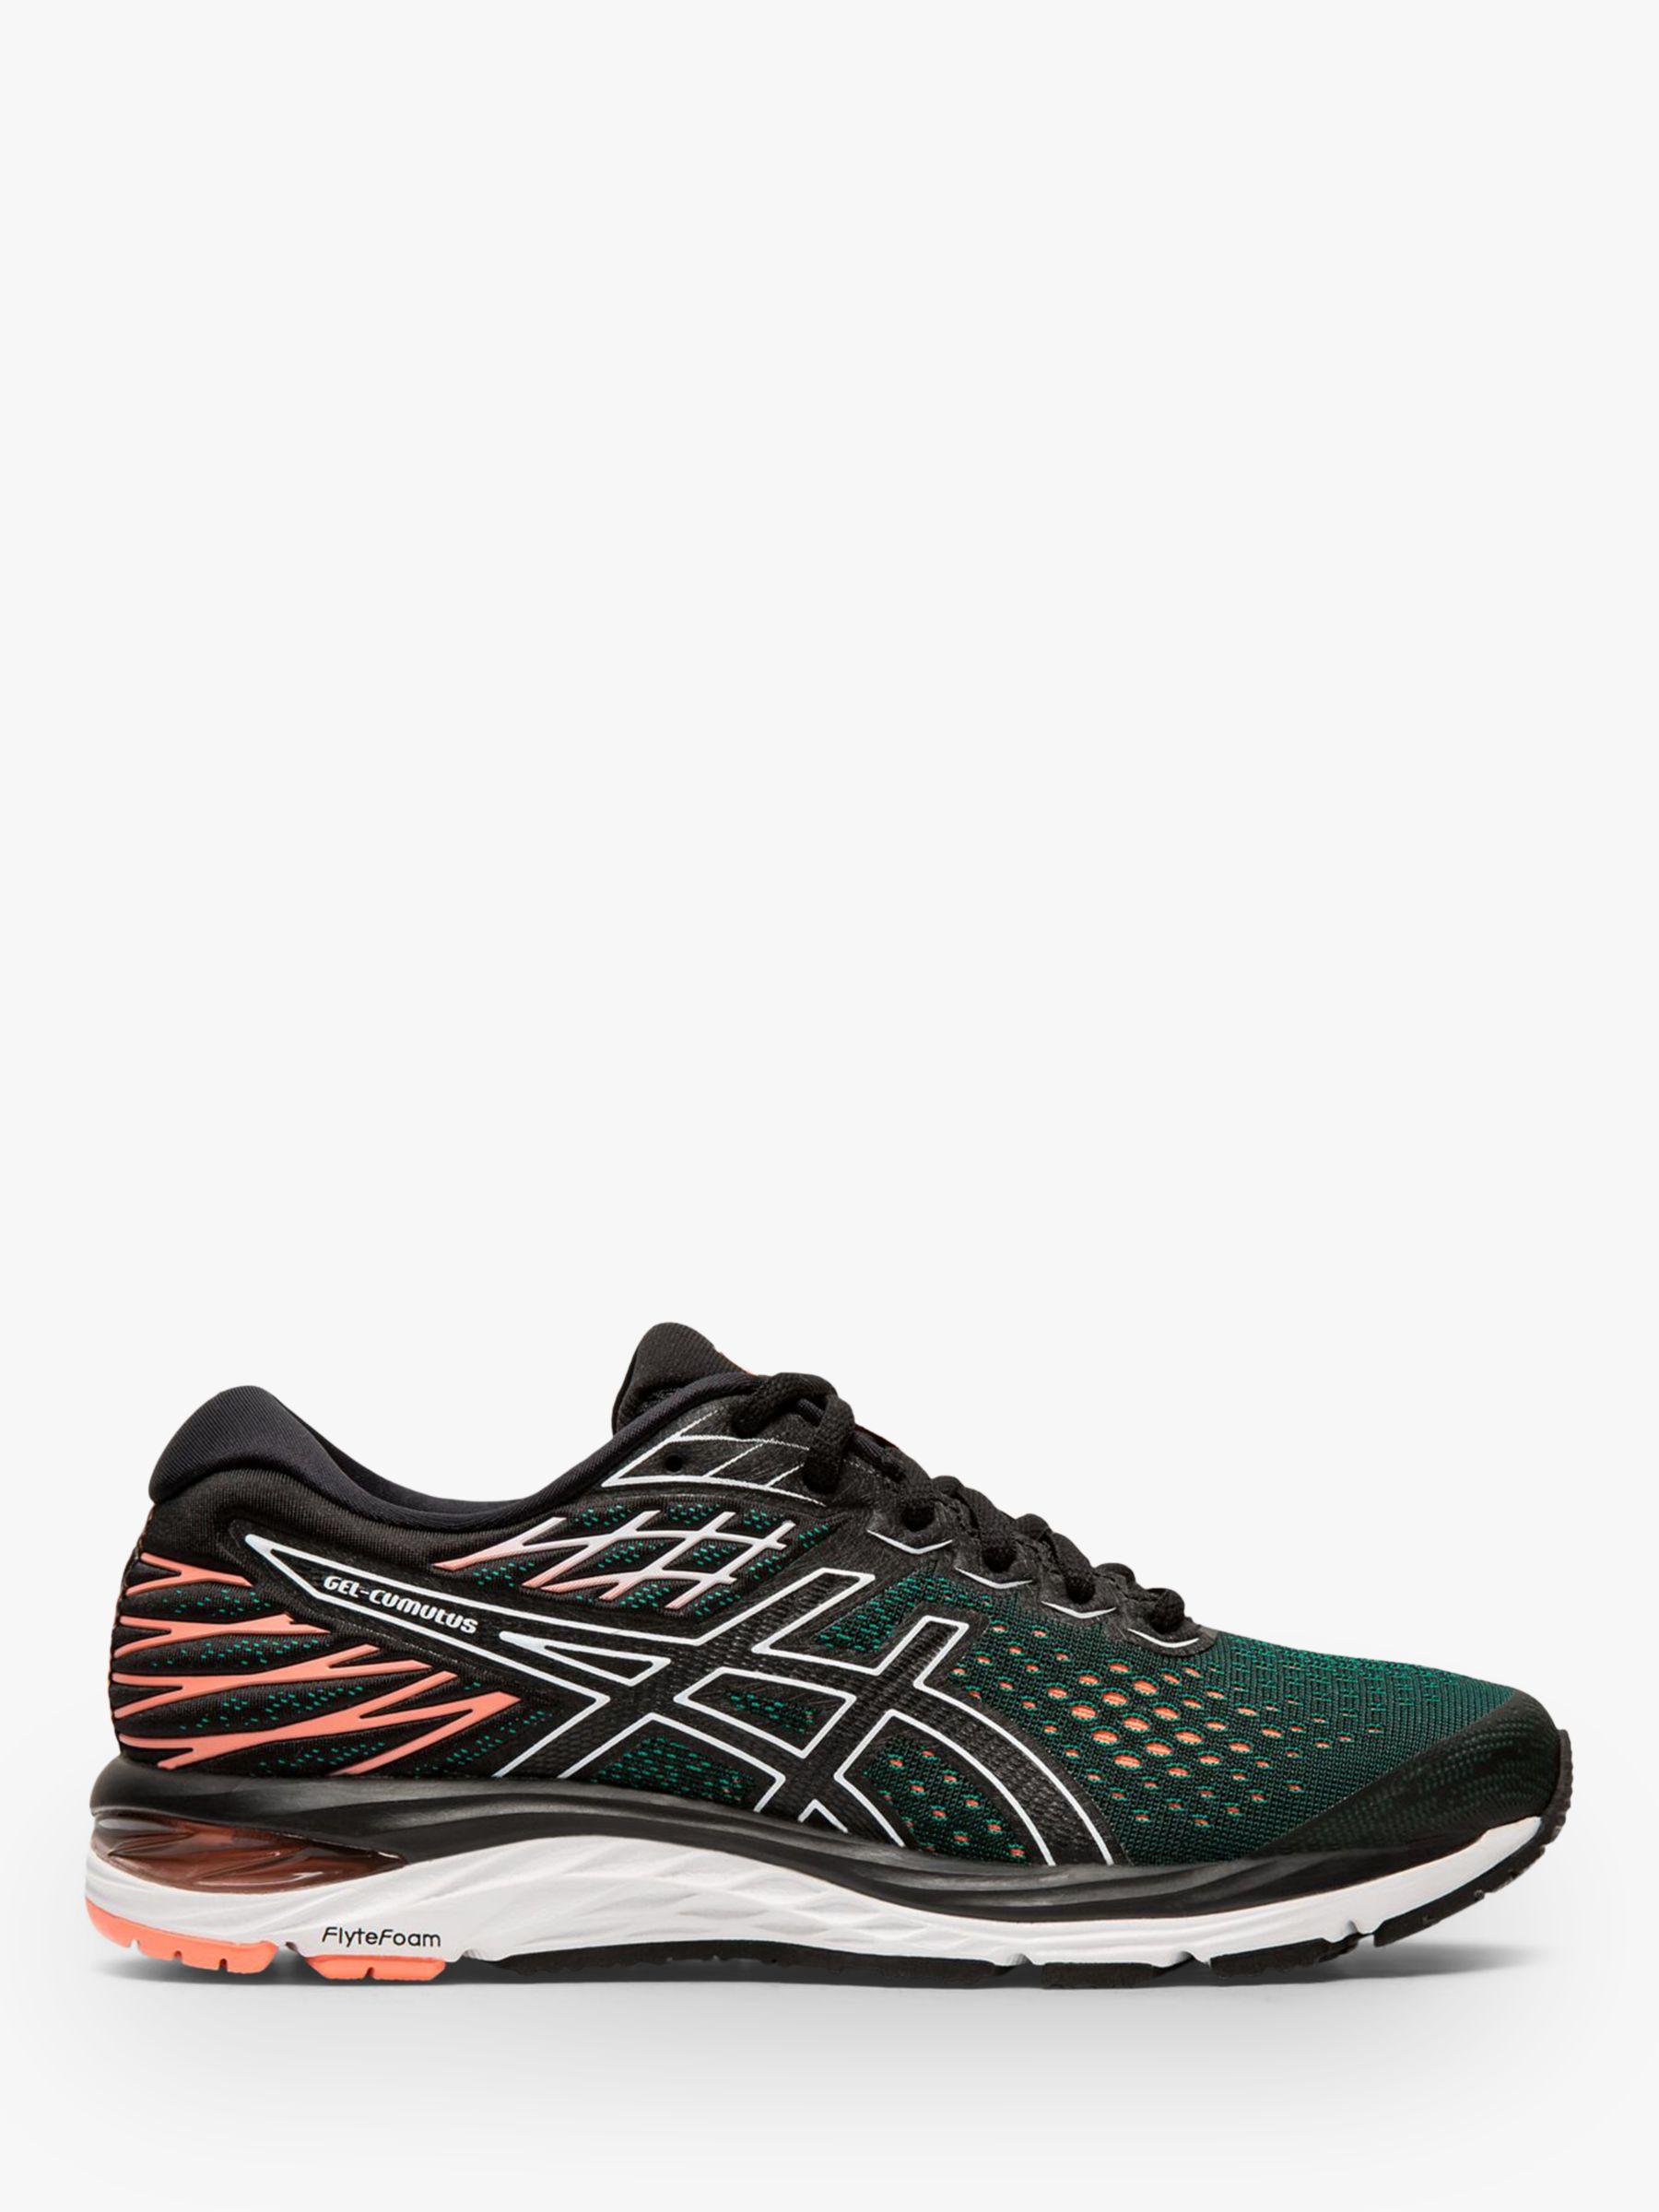 ASICS GEL CUMULUS 21 Women's Running Shoes, BlackSun Coral